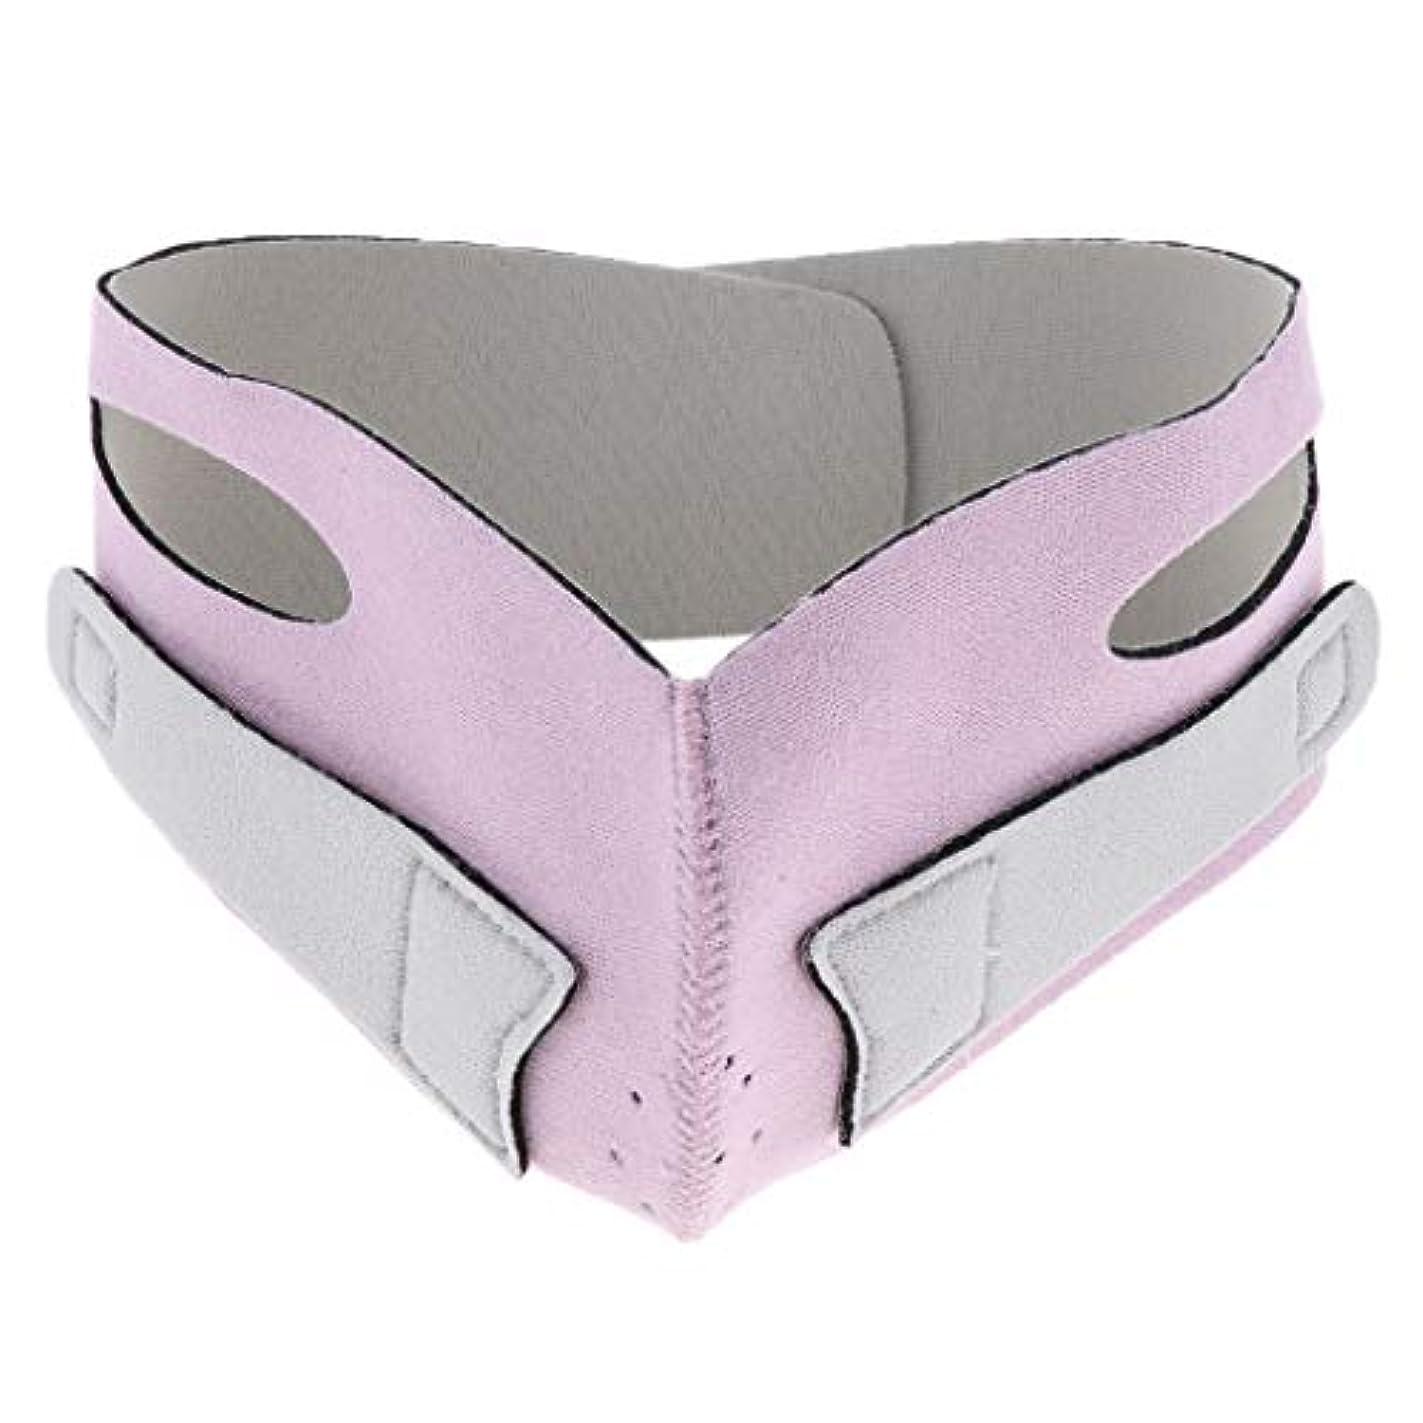 家具ヘビお勧め引き上げマスク 頬リフトアップ V-ラインマスク リフティング リフトスリムマスク 通気性 全2色 - ピンク